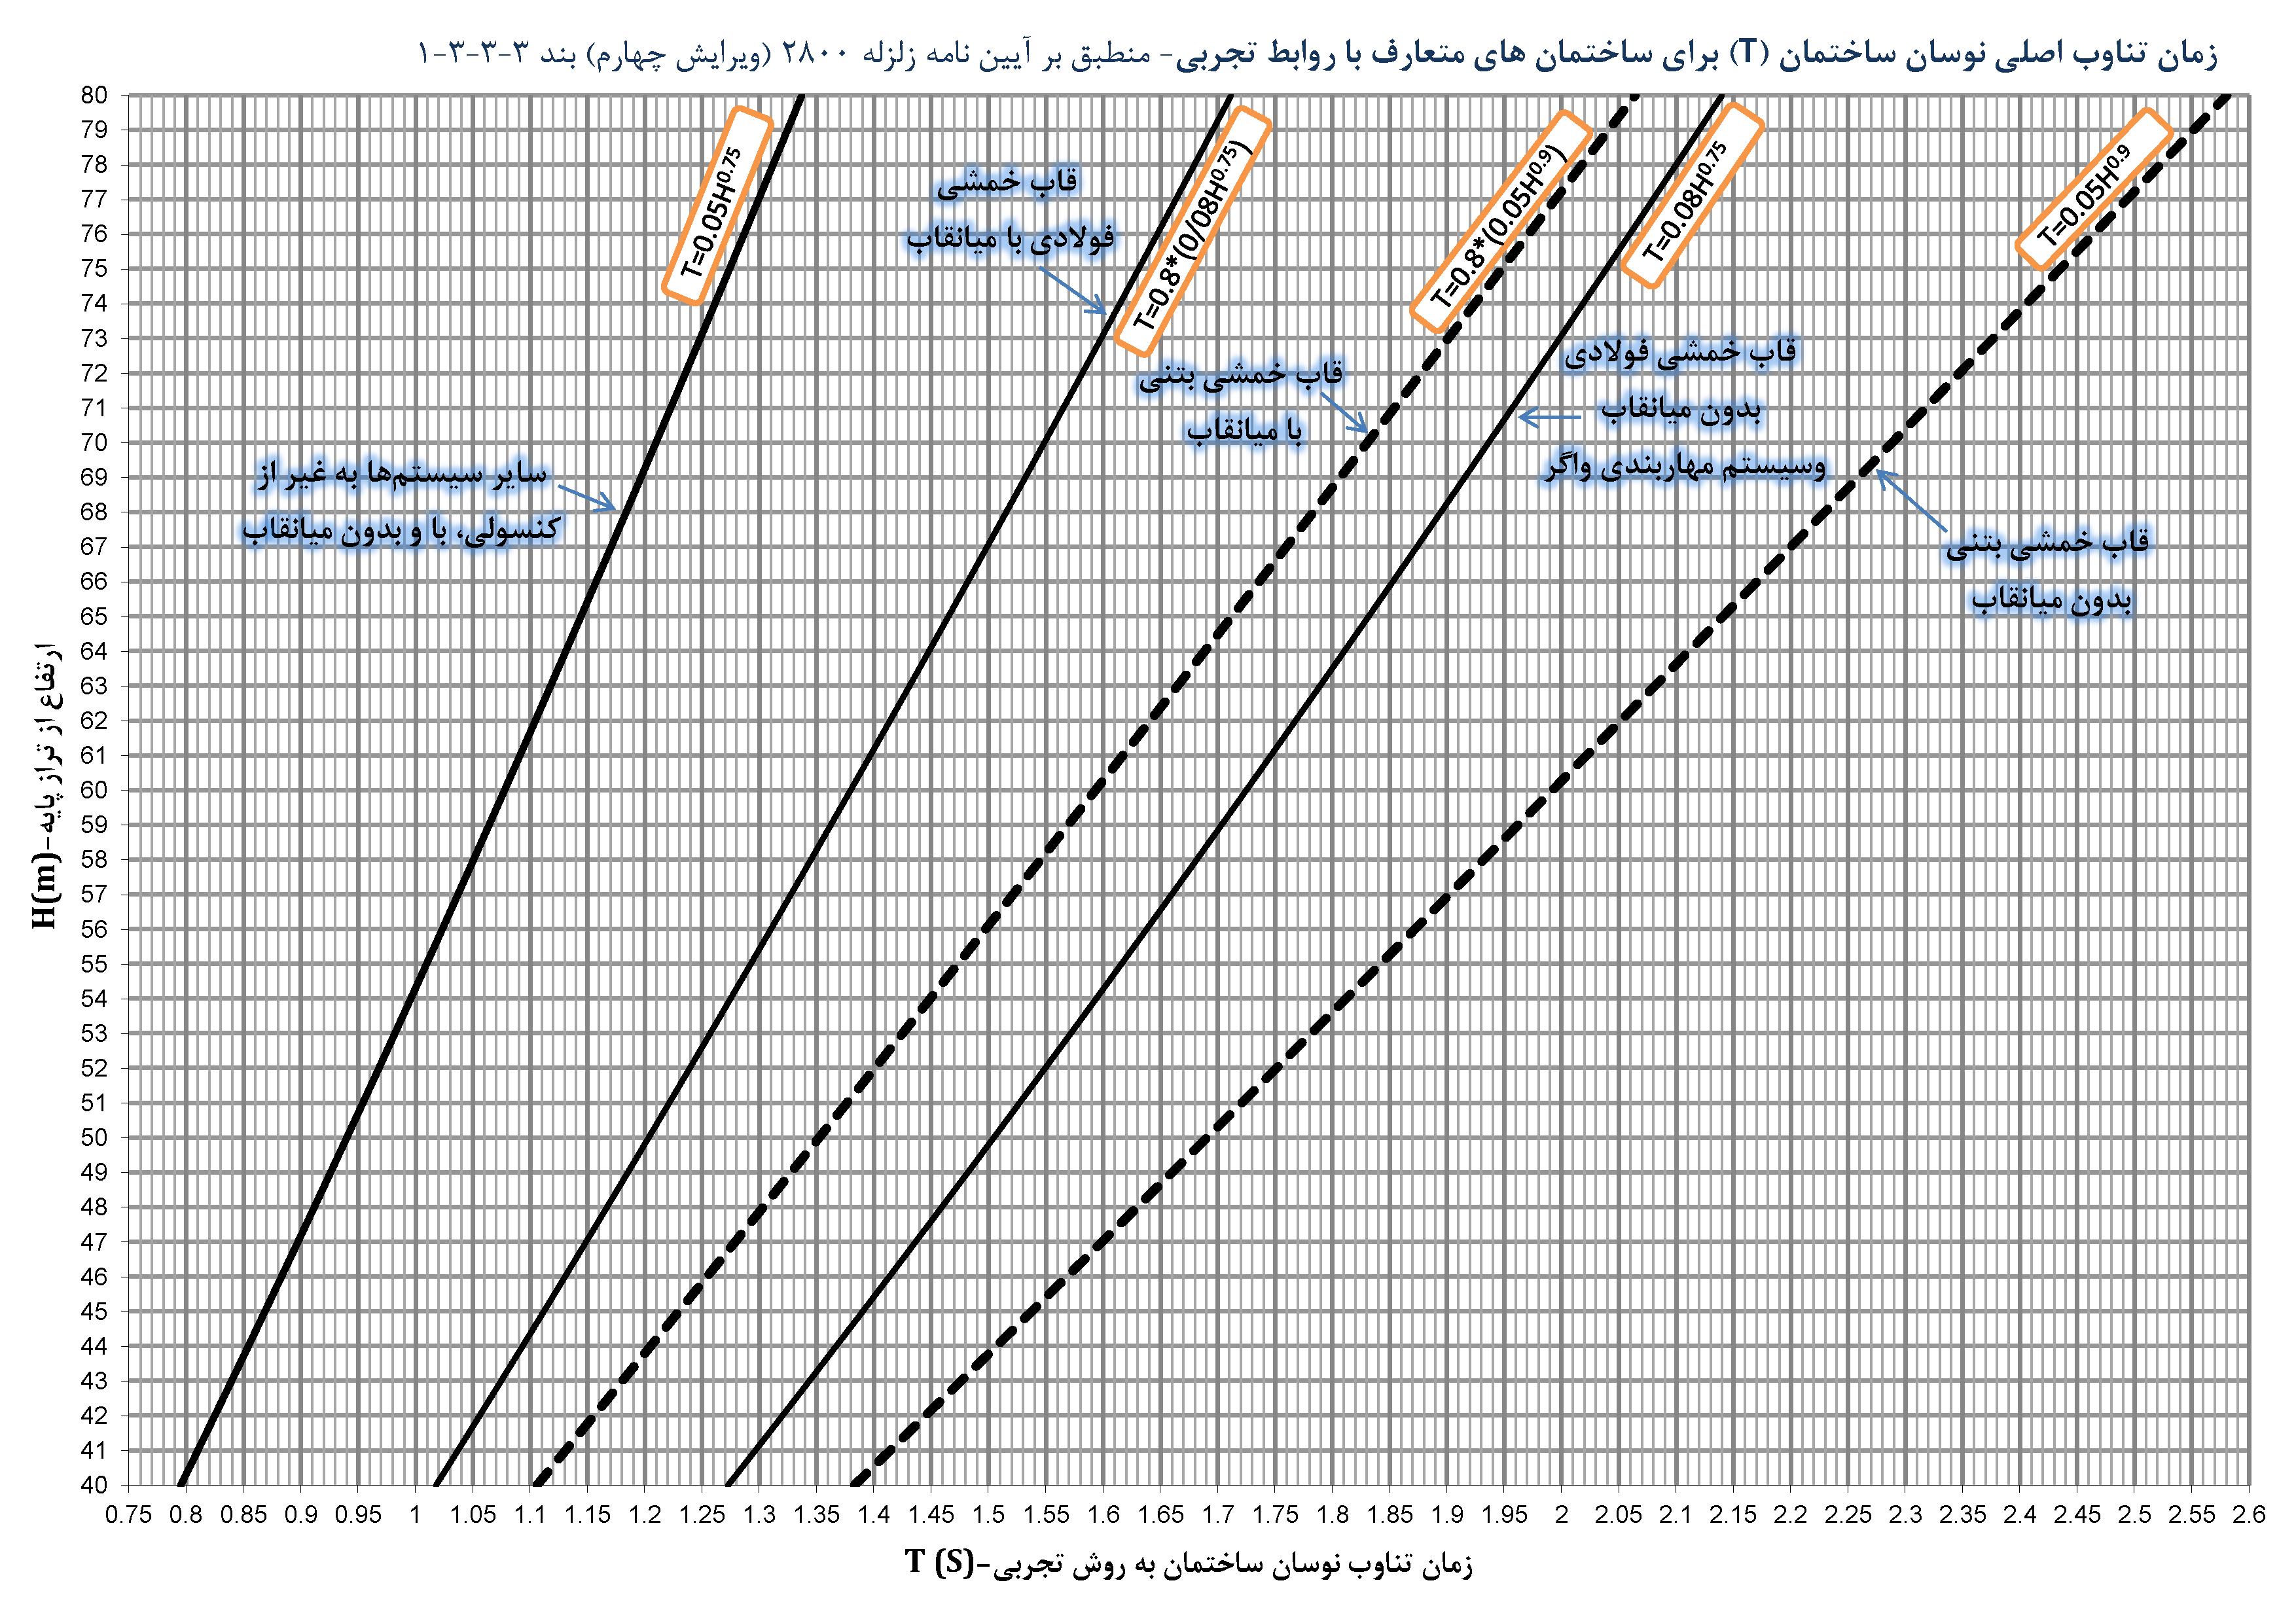 نمودار زمان تناوب اصلی نوسان ساختمان (T) برای ساختمانهای متعارف با روابط تجربی - 2800 ویرایش چهار